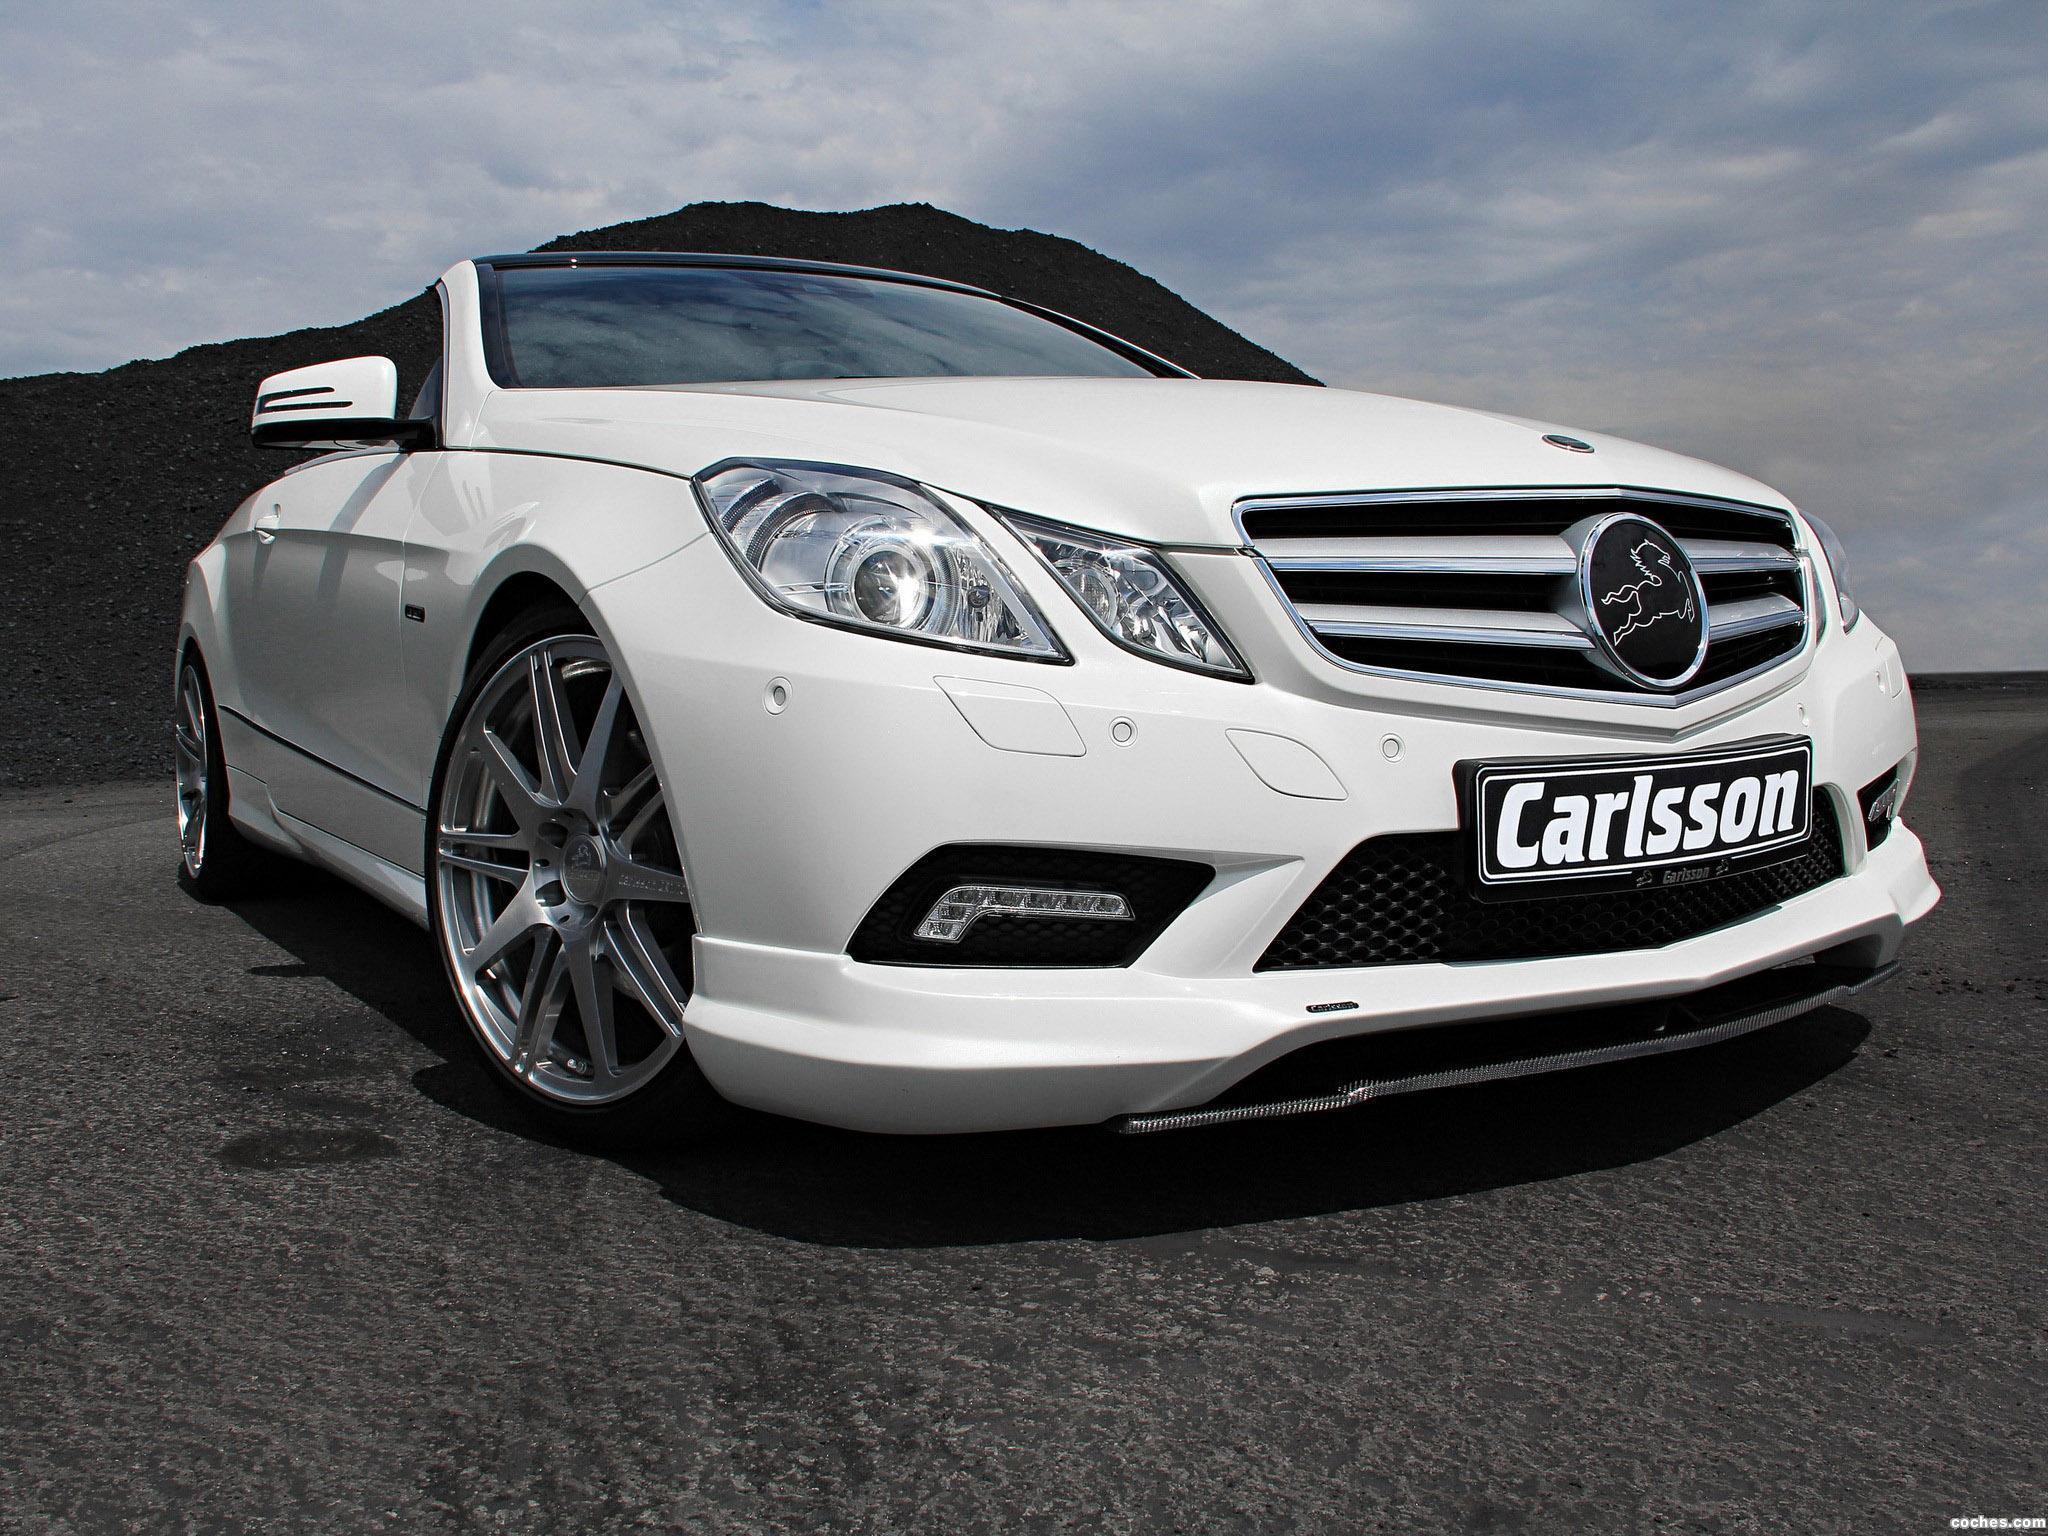 Foto 0 de Mercedes Carlsson Clase E Cabrio A207 2010